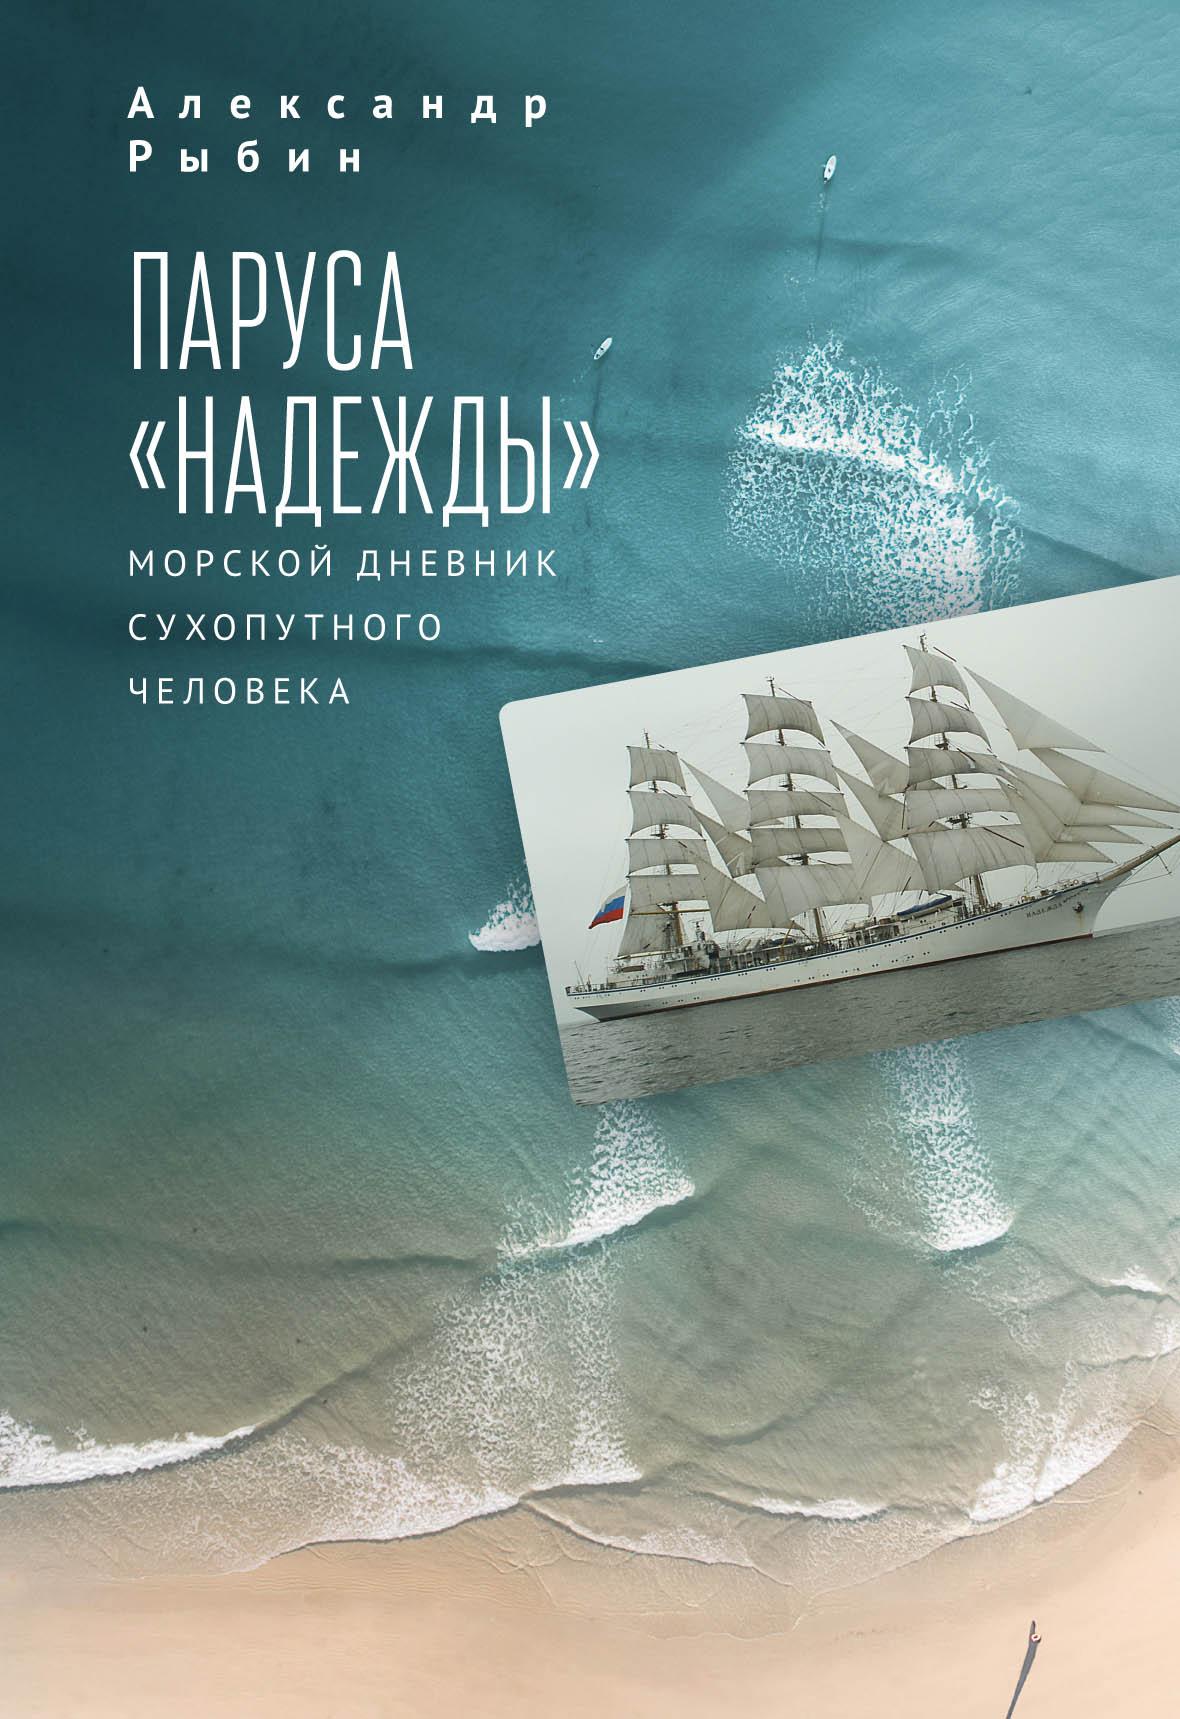 Паруса «Надежды». Морской дневник сухопутного человека